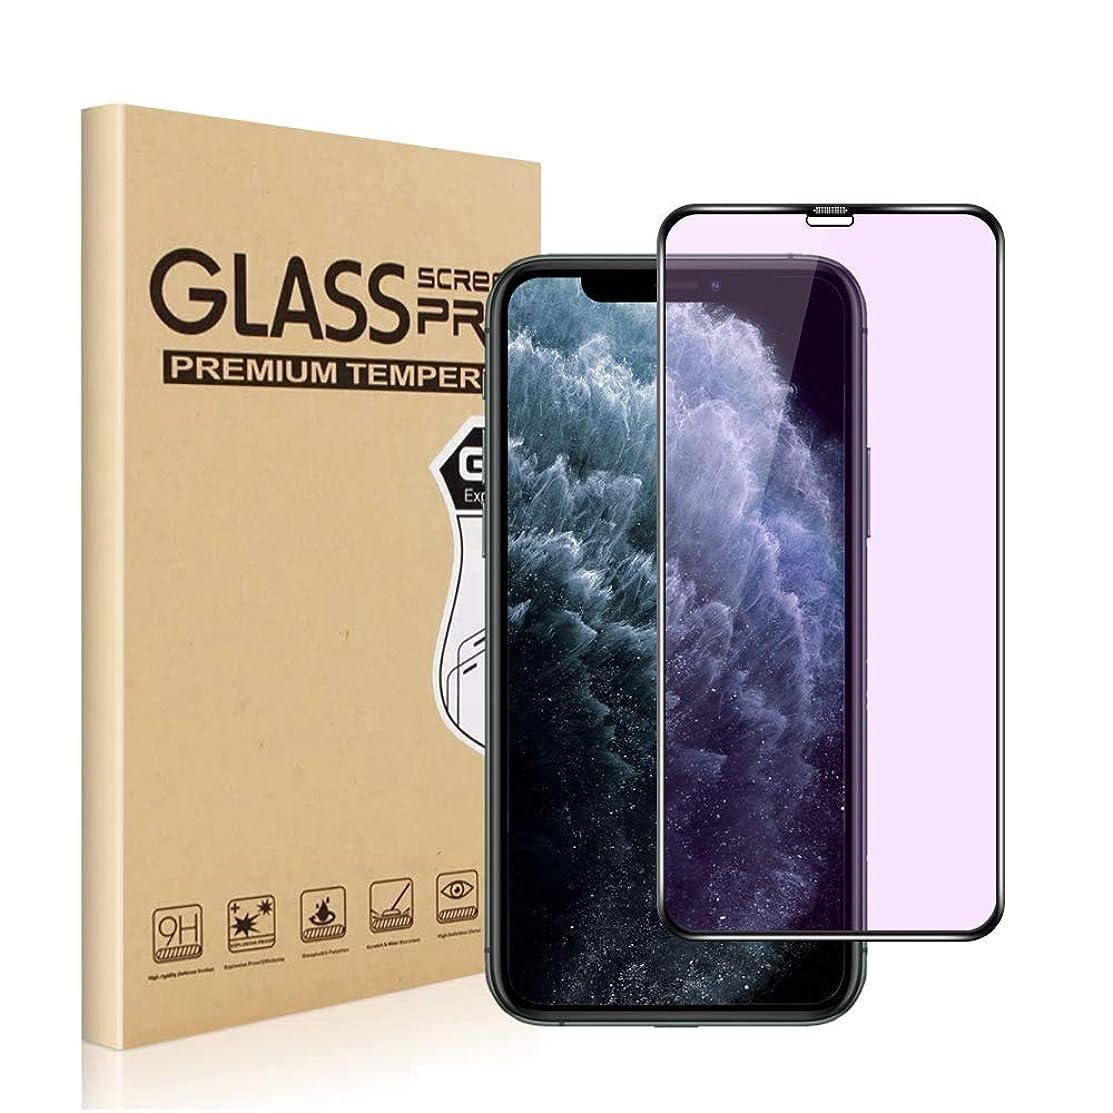 本物ローストガラスiPhone 11 Pro/iPhone X/iPhone XS ガラスフィルム ブルーライトカット液晶保護フィルム 業界最高の硬度9H、目の疲れ軽減、指紋防止、防油汚れ、飛散防止、自動吸着、気泡防止 iPhone 11 Pro/X/XS 強化...